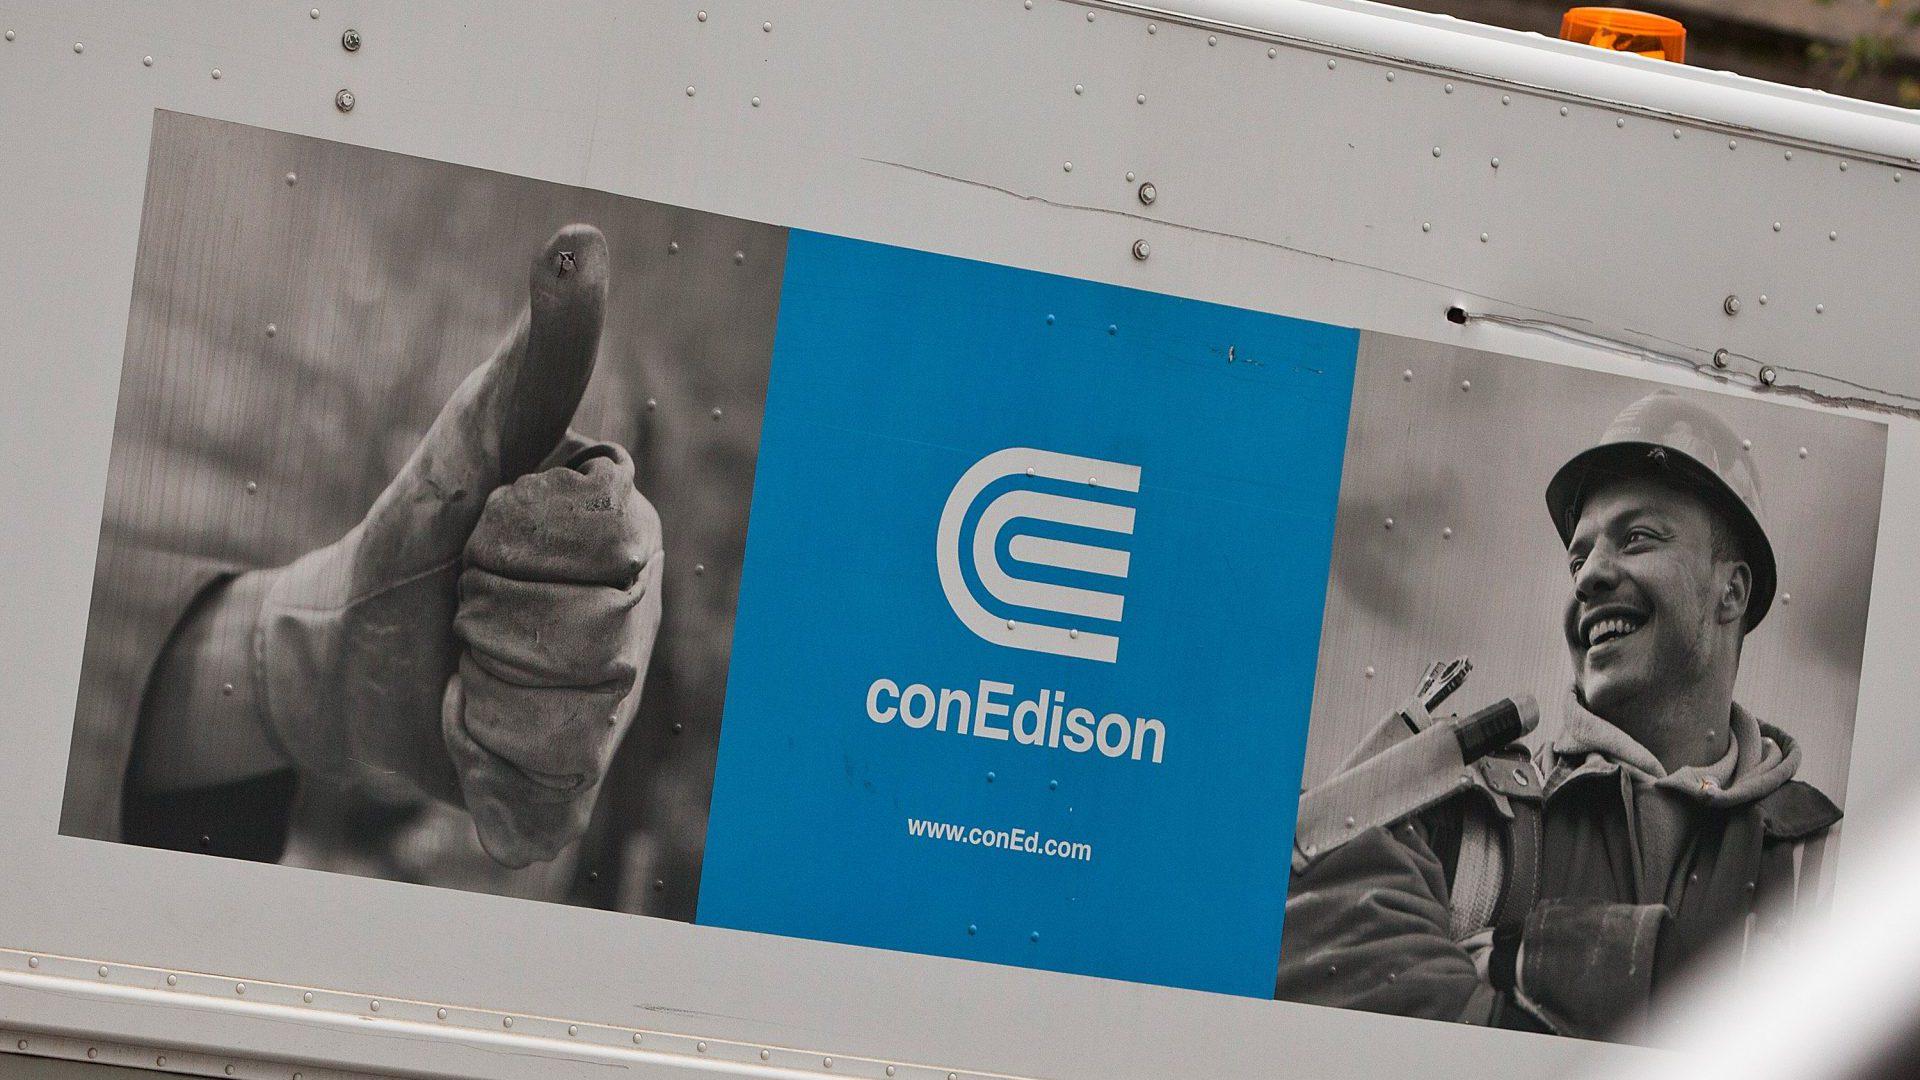 Con Edison image